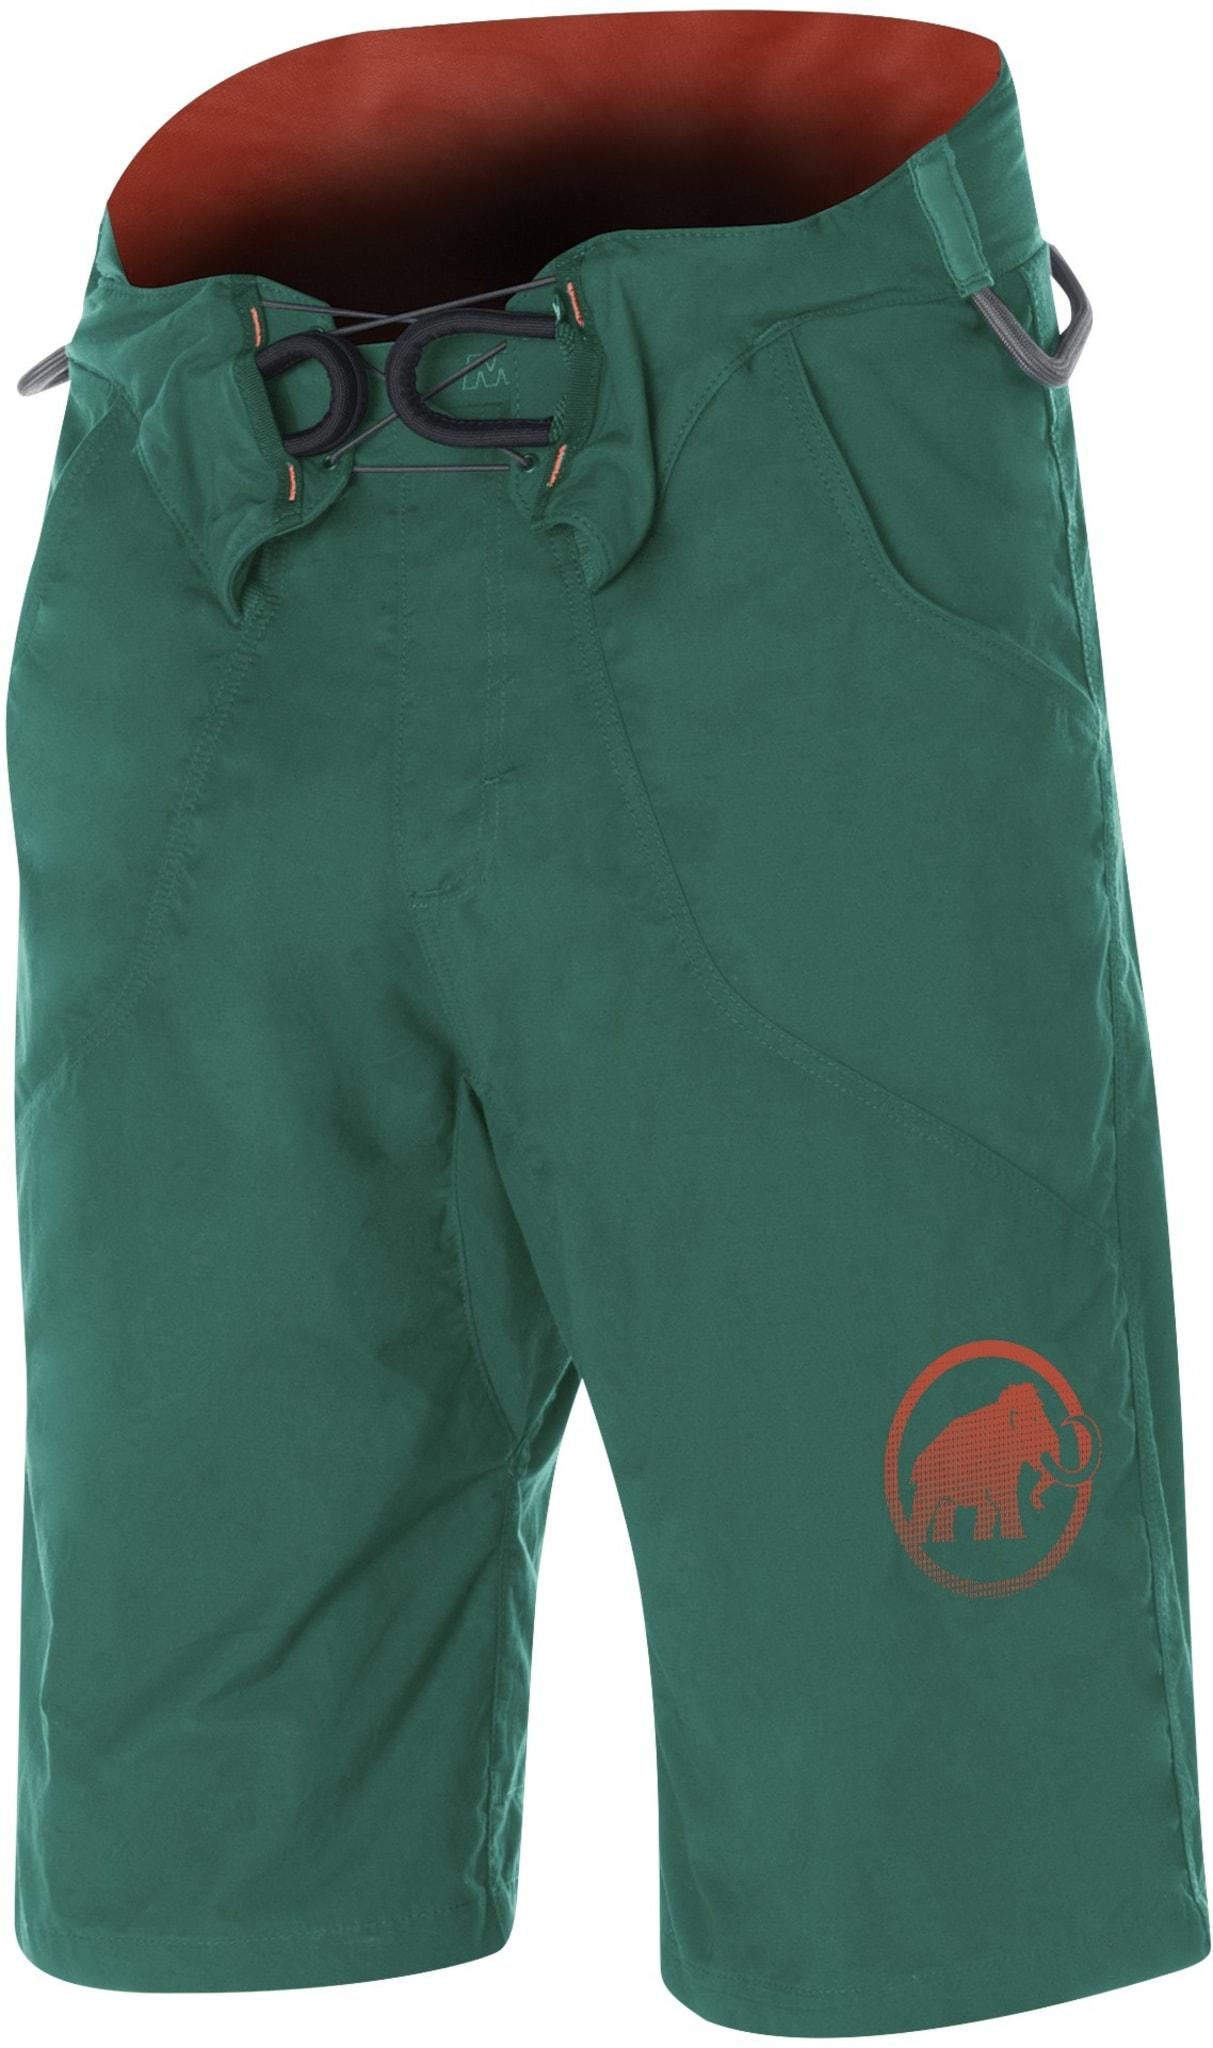 Shorts med innebygd klatresele og fire utstyrsløkker